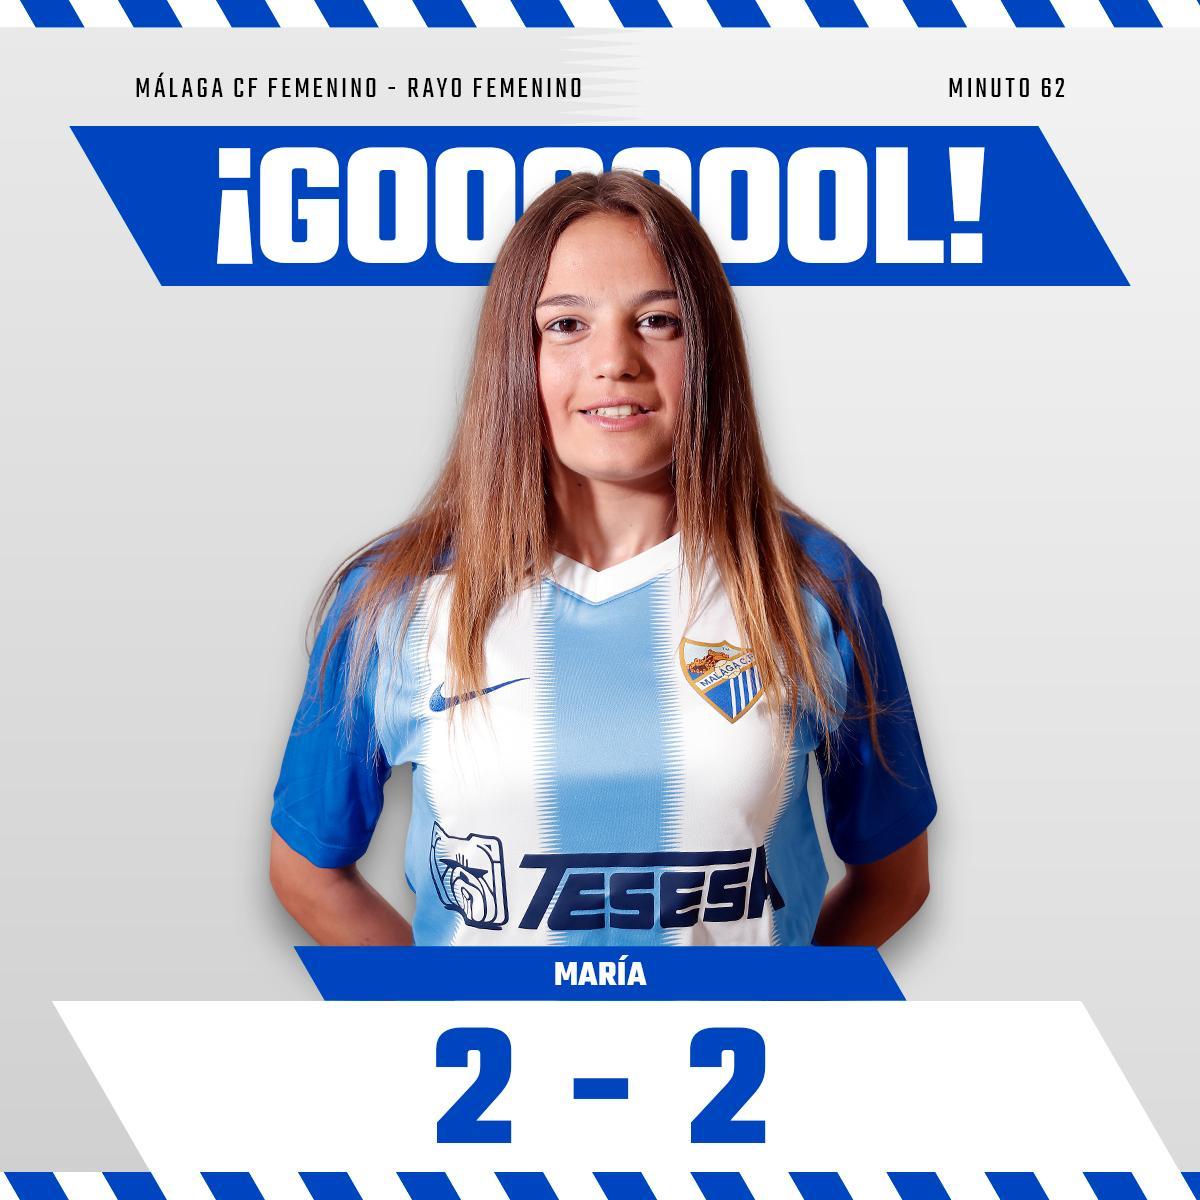 2-2 Min62| ¡¡¡GOOOOOOL GOOOOOL GOOOOOL CON ACENTO MALAGUEÑO!!!! ¡¡¡¡@Mariagamezn10 empata el partido!!!   #MCFFLive #MálagaRayo⚽️ #SomosMálaga💙 #LuchaConNosotras💪